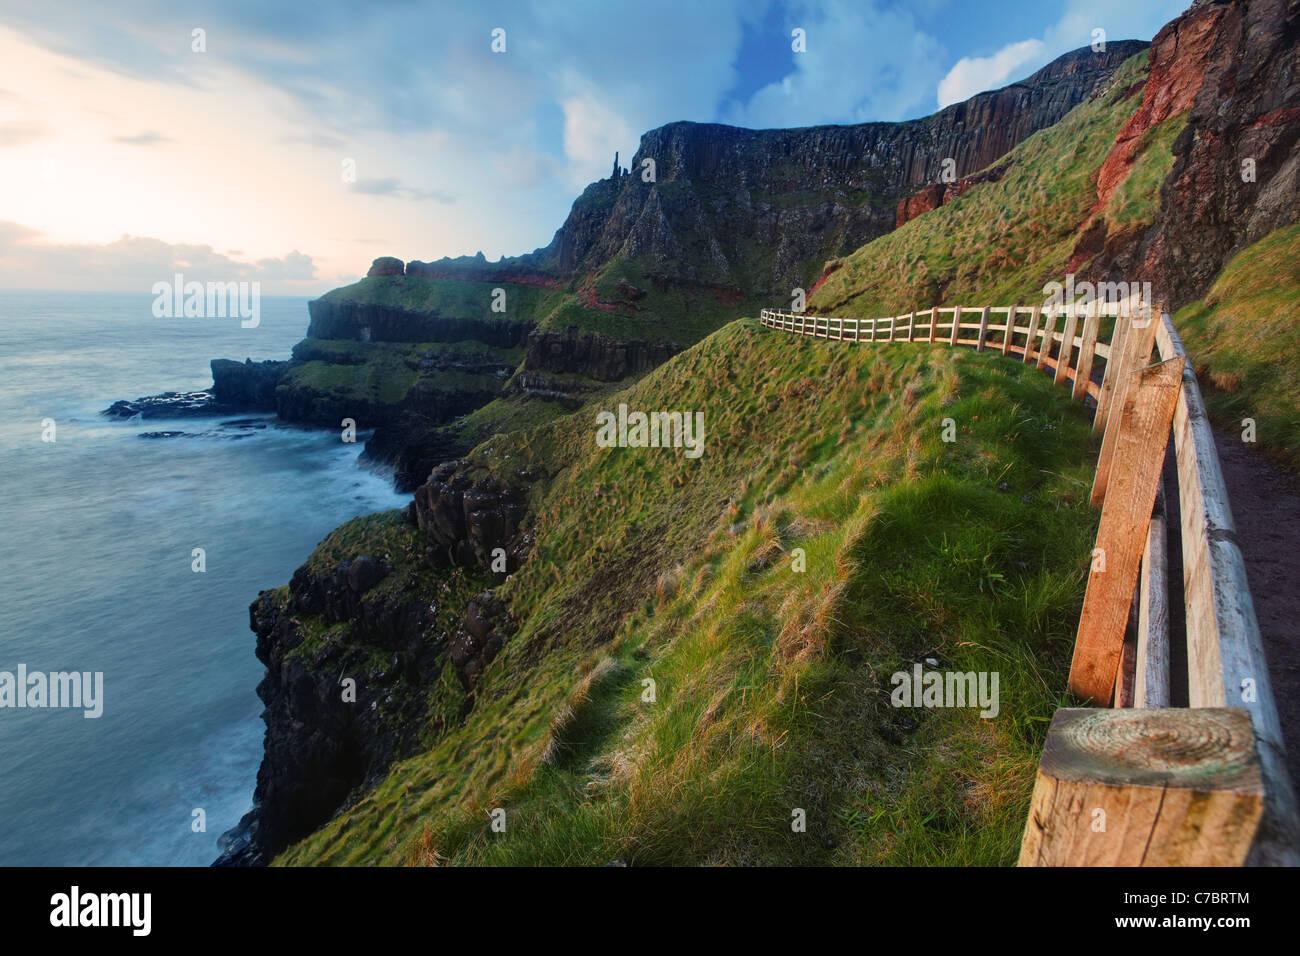 Acantilado cercado trail en Benbane Head cerca del atardecer, Giant's Causeway, Condado de Antrim, Irlanda del Norte, Reino Unido Foto de stock